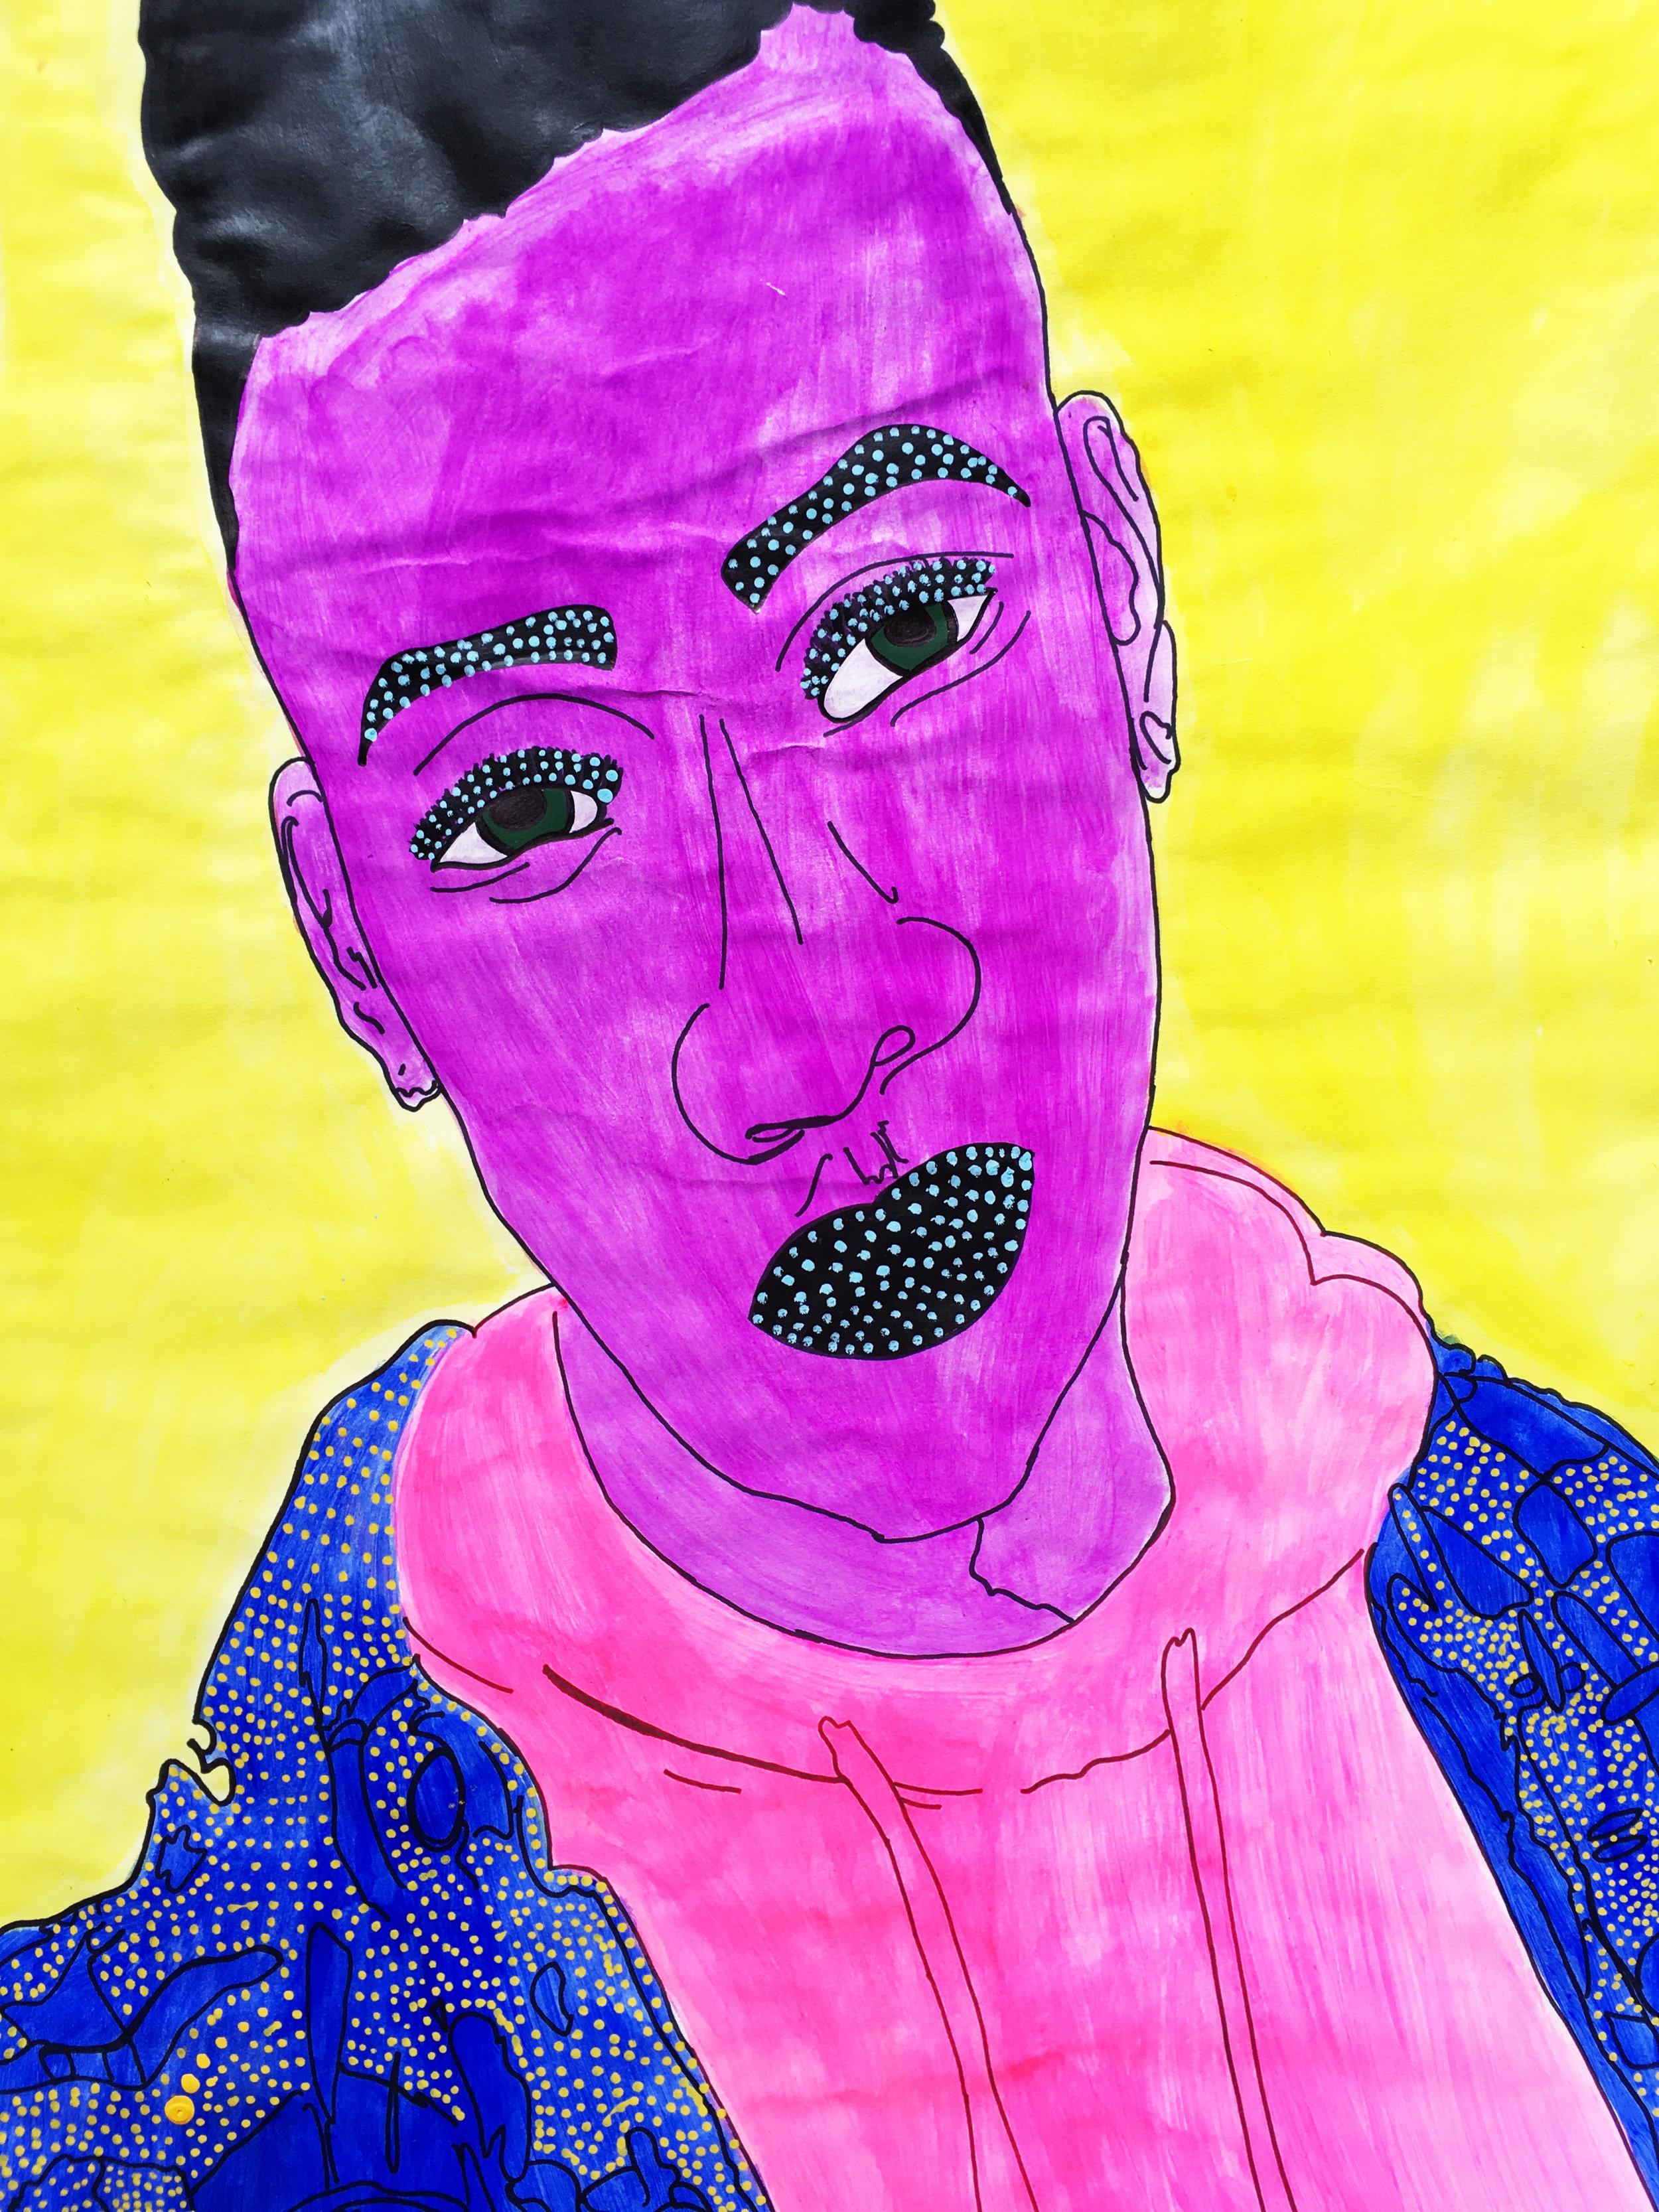 Anaiia_popart portrait_01.jpg